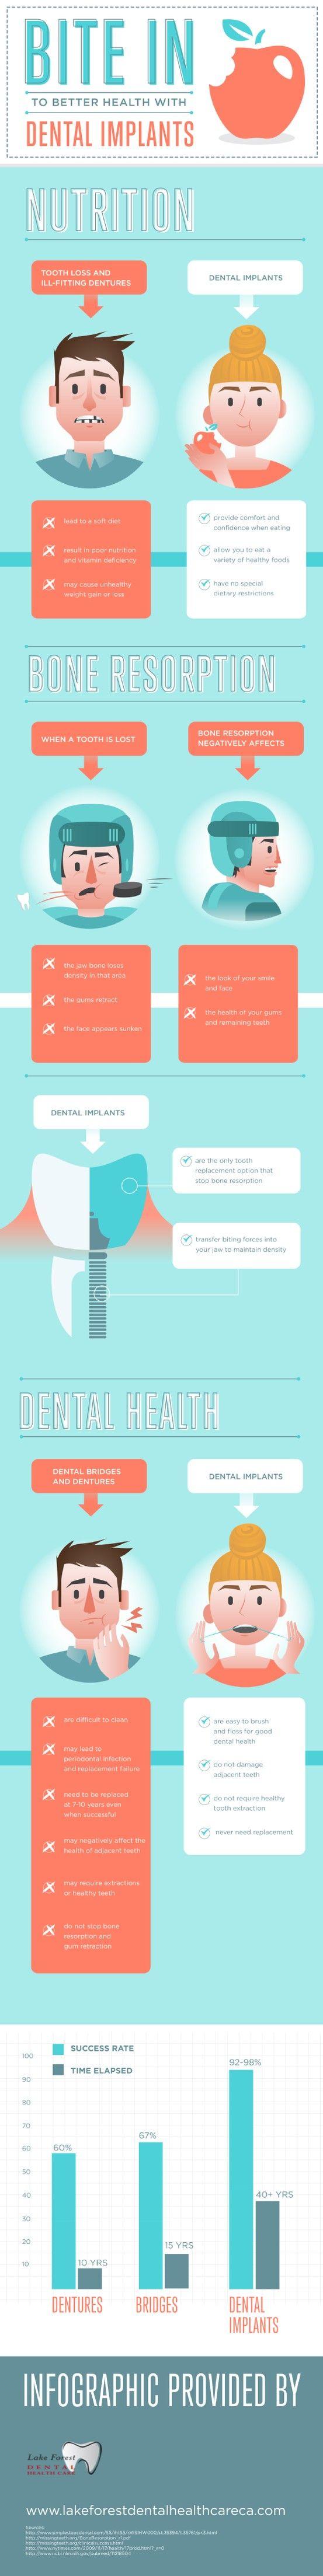 45 best dental implants images on pinterest dental implants